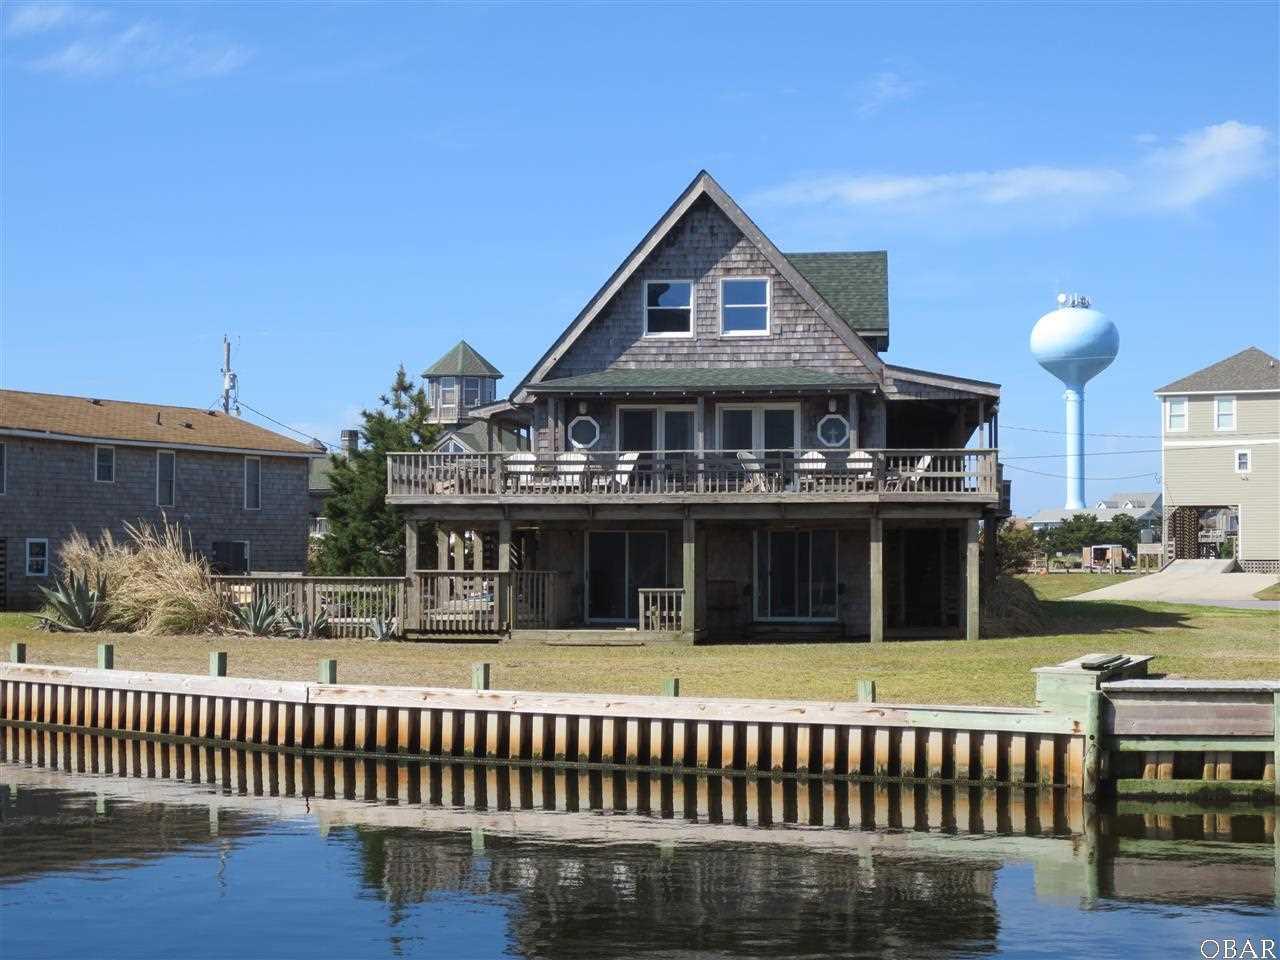 56187 Pamlico Drive,Hatteras,NC 27943,3 Bedrooms Bedrooms,2 BathroomsBathrooms,Residential,Pamlico Drive,83345